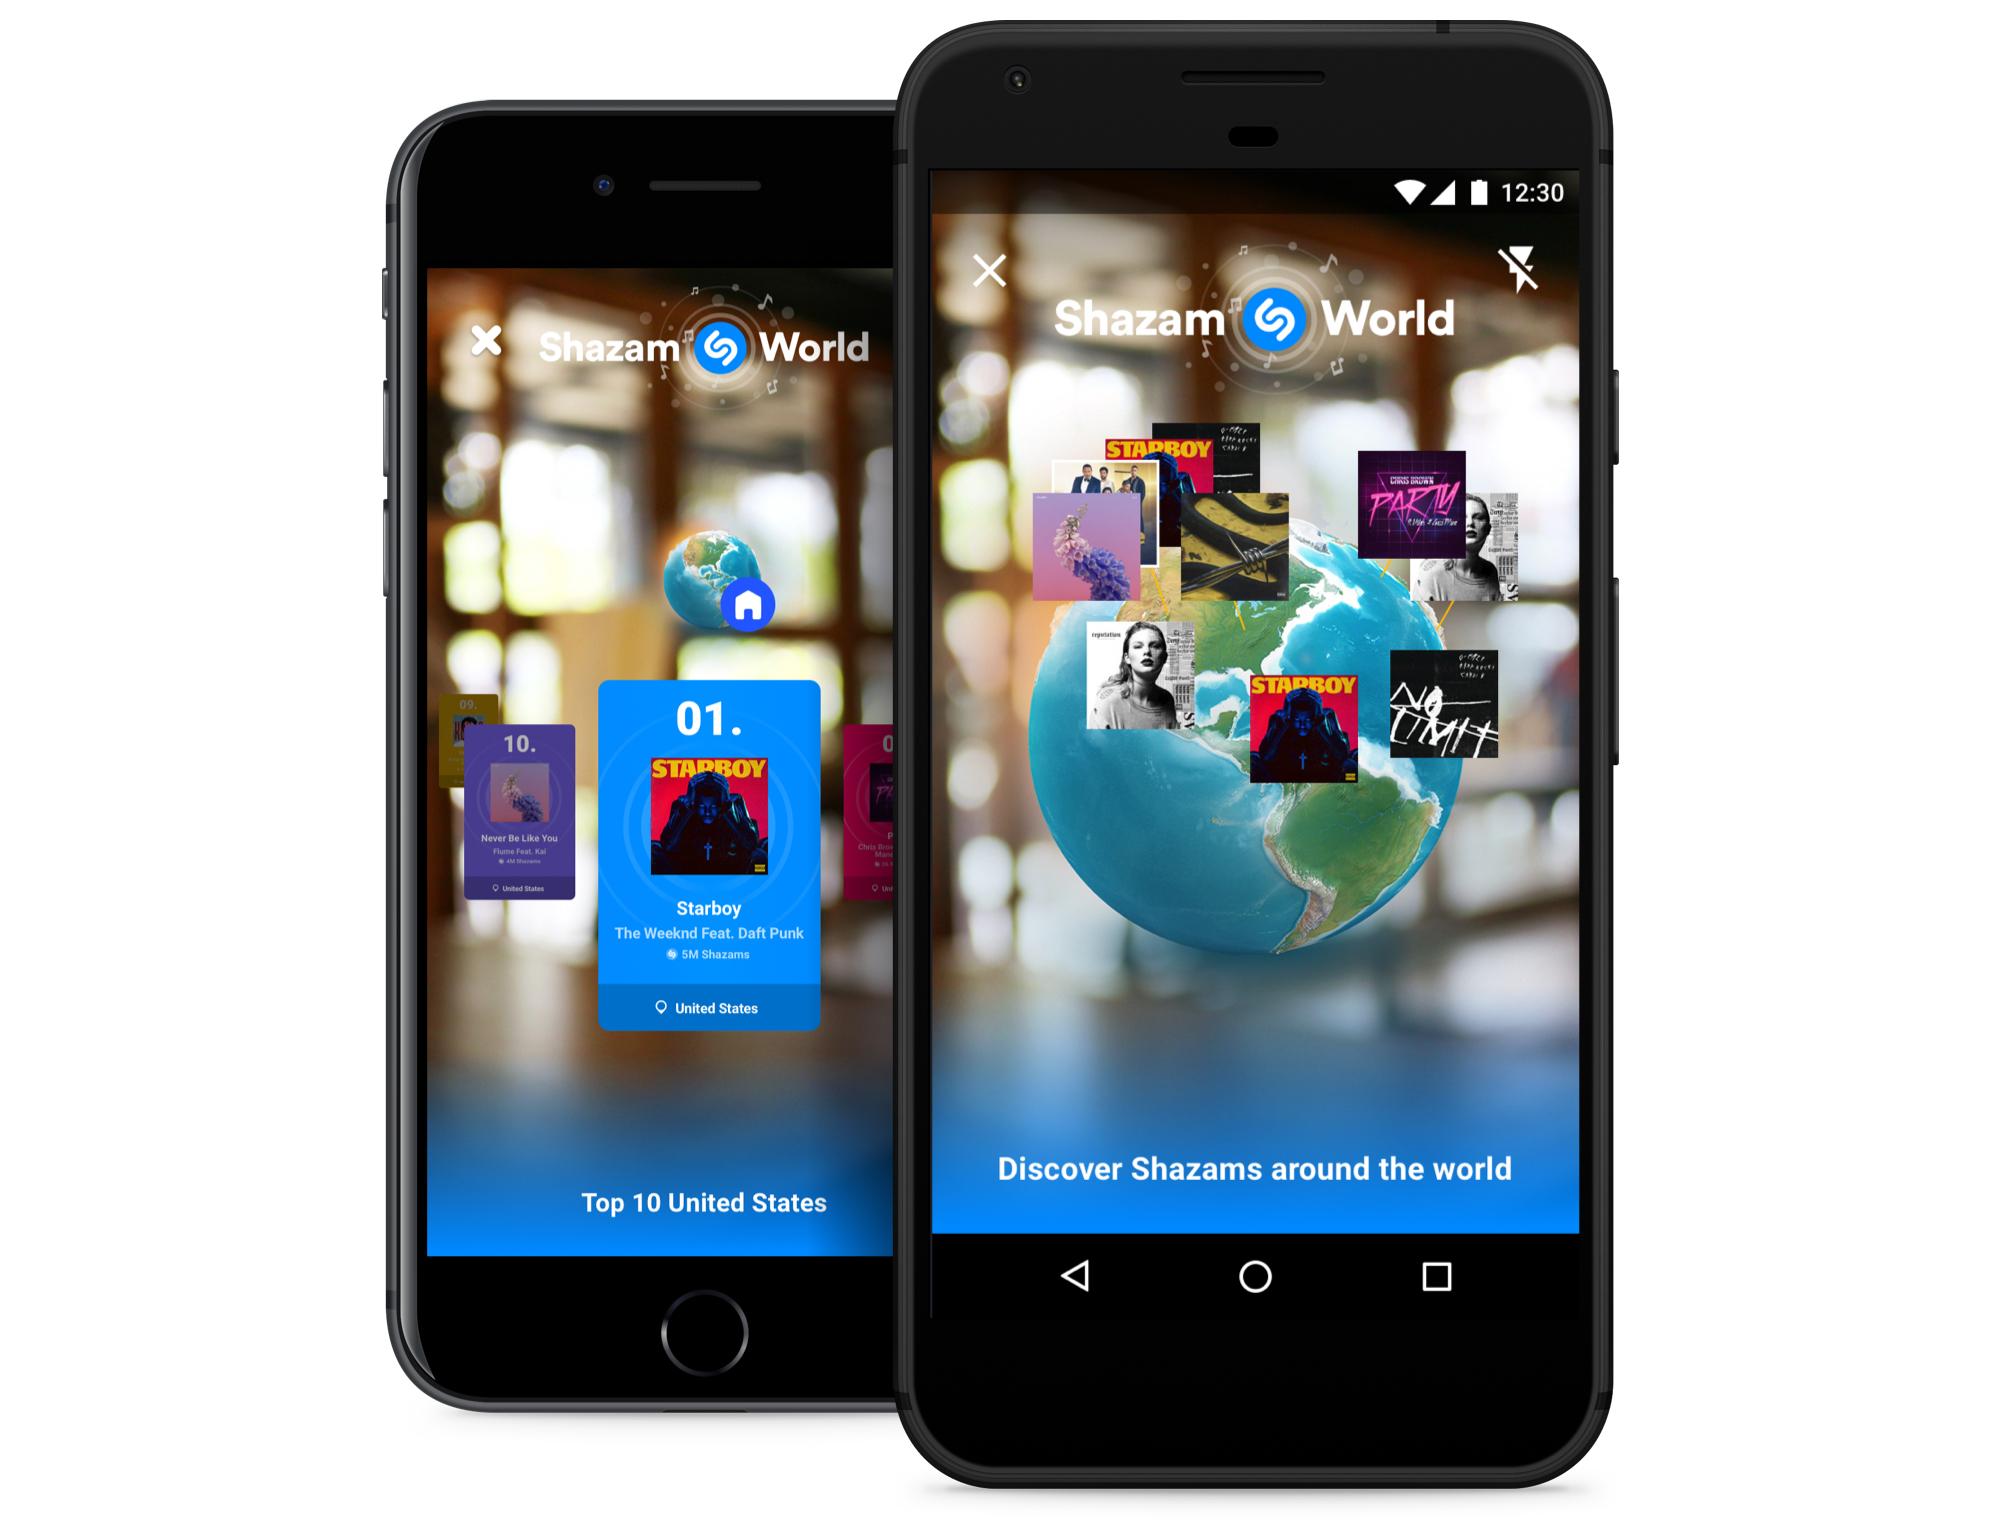 Shazam World